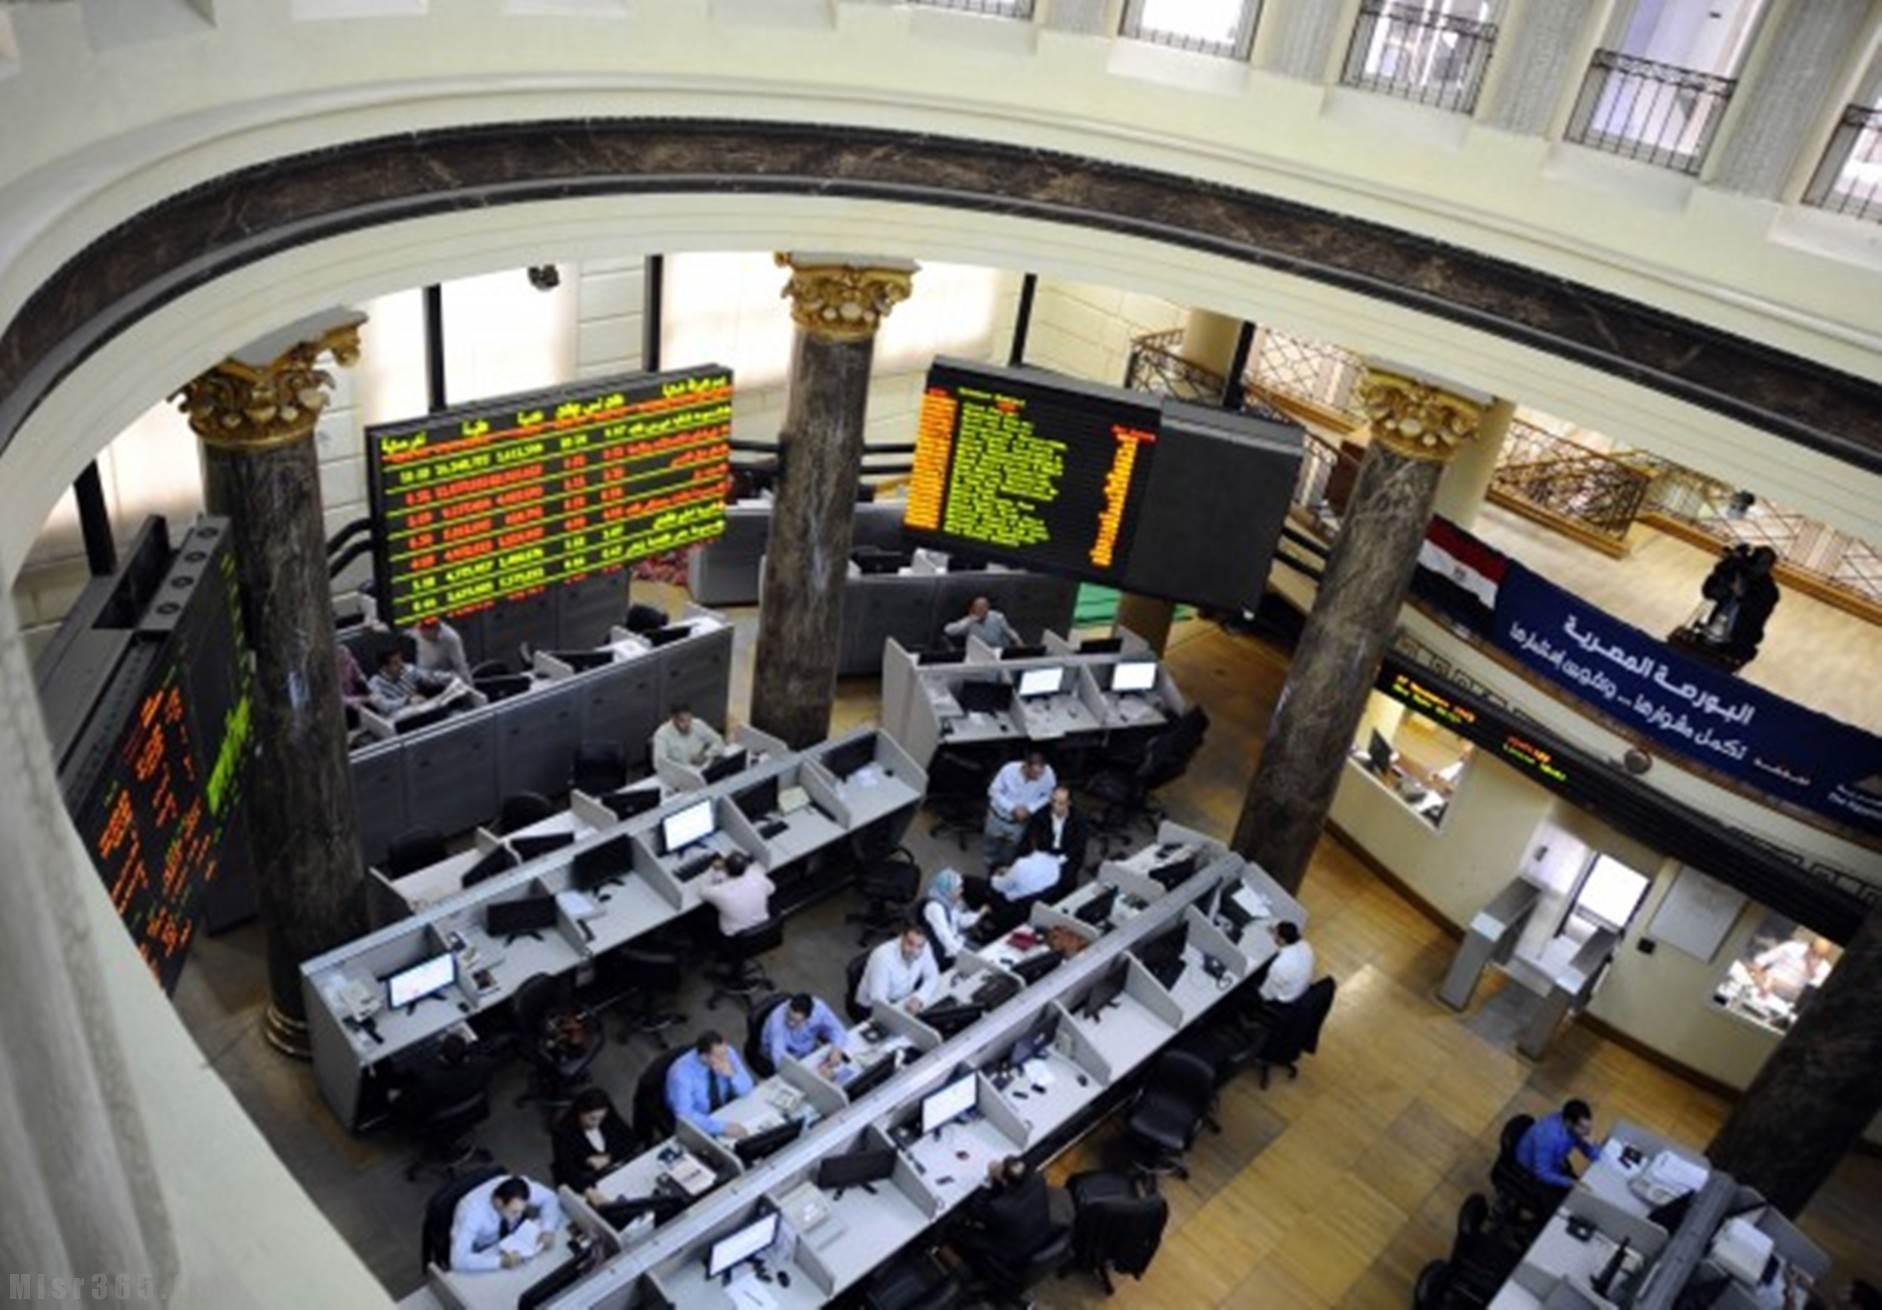 البورصة تستعيد نغمة الصعود وتوقعات إيجابية للفترة المقبلة - جريدة المال